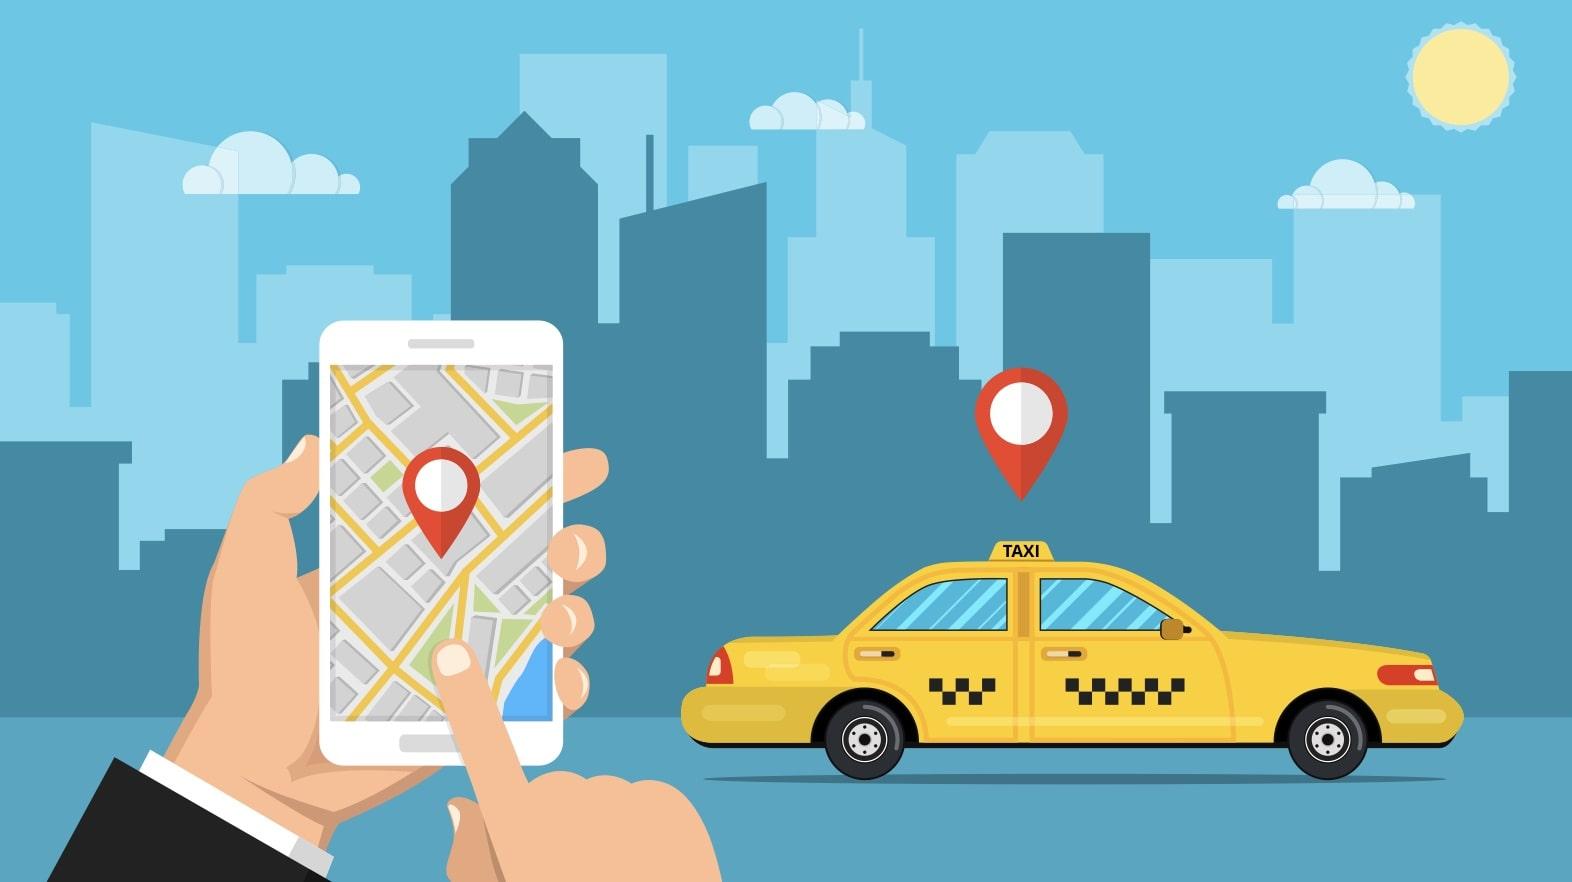 千葉で使えるタクシーアプリ